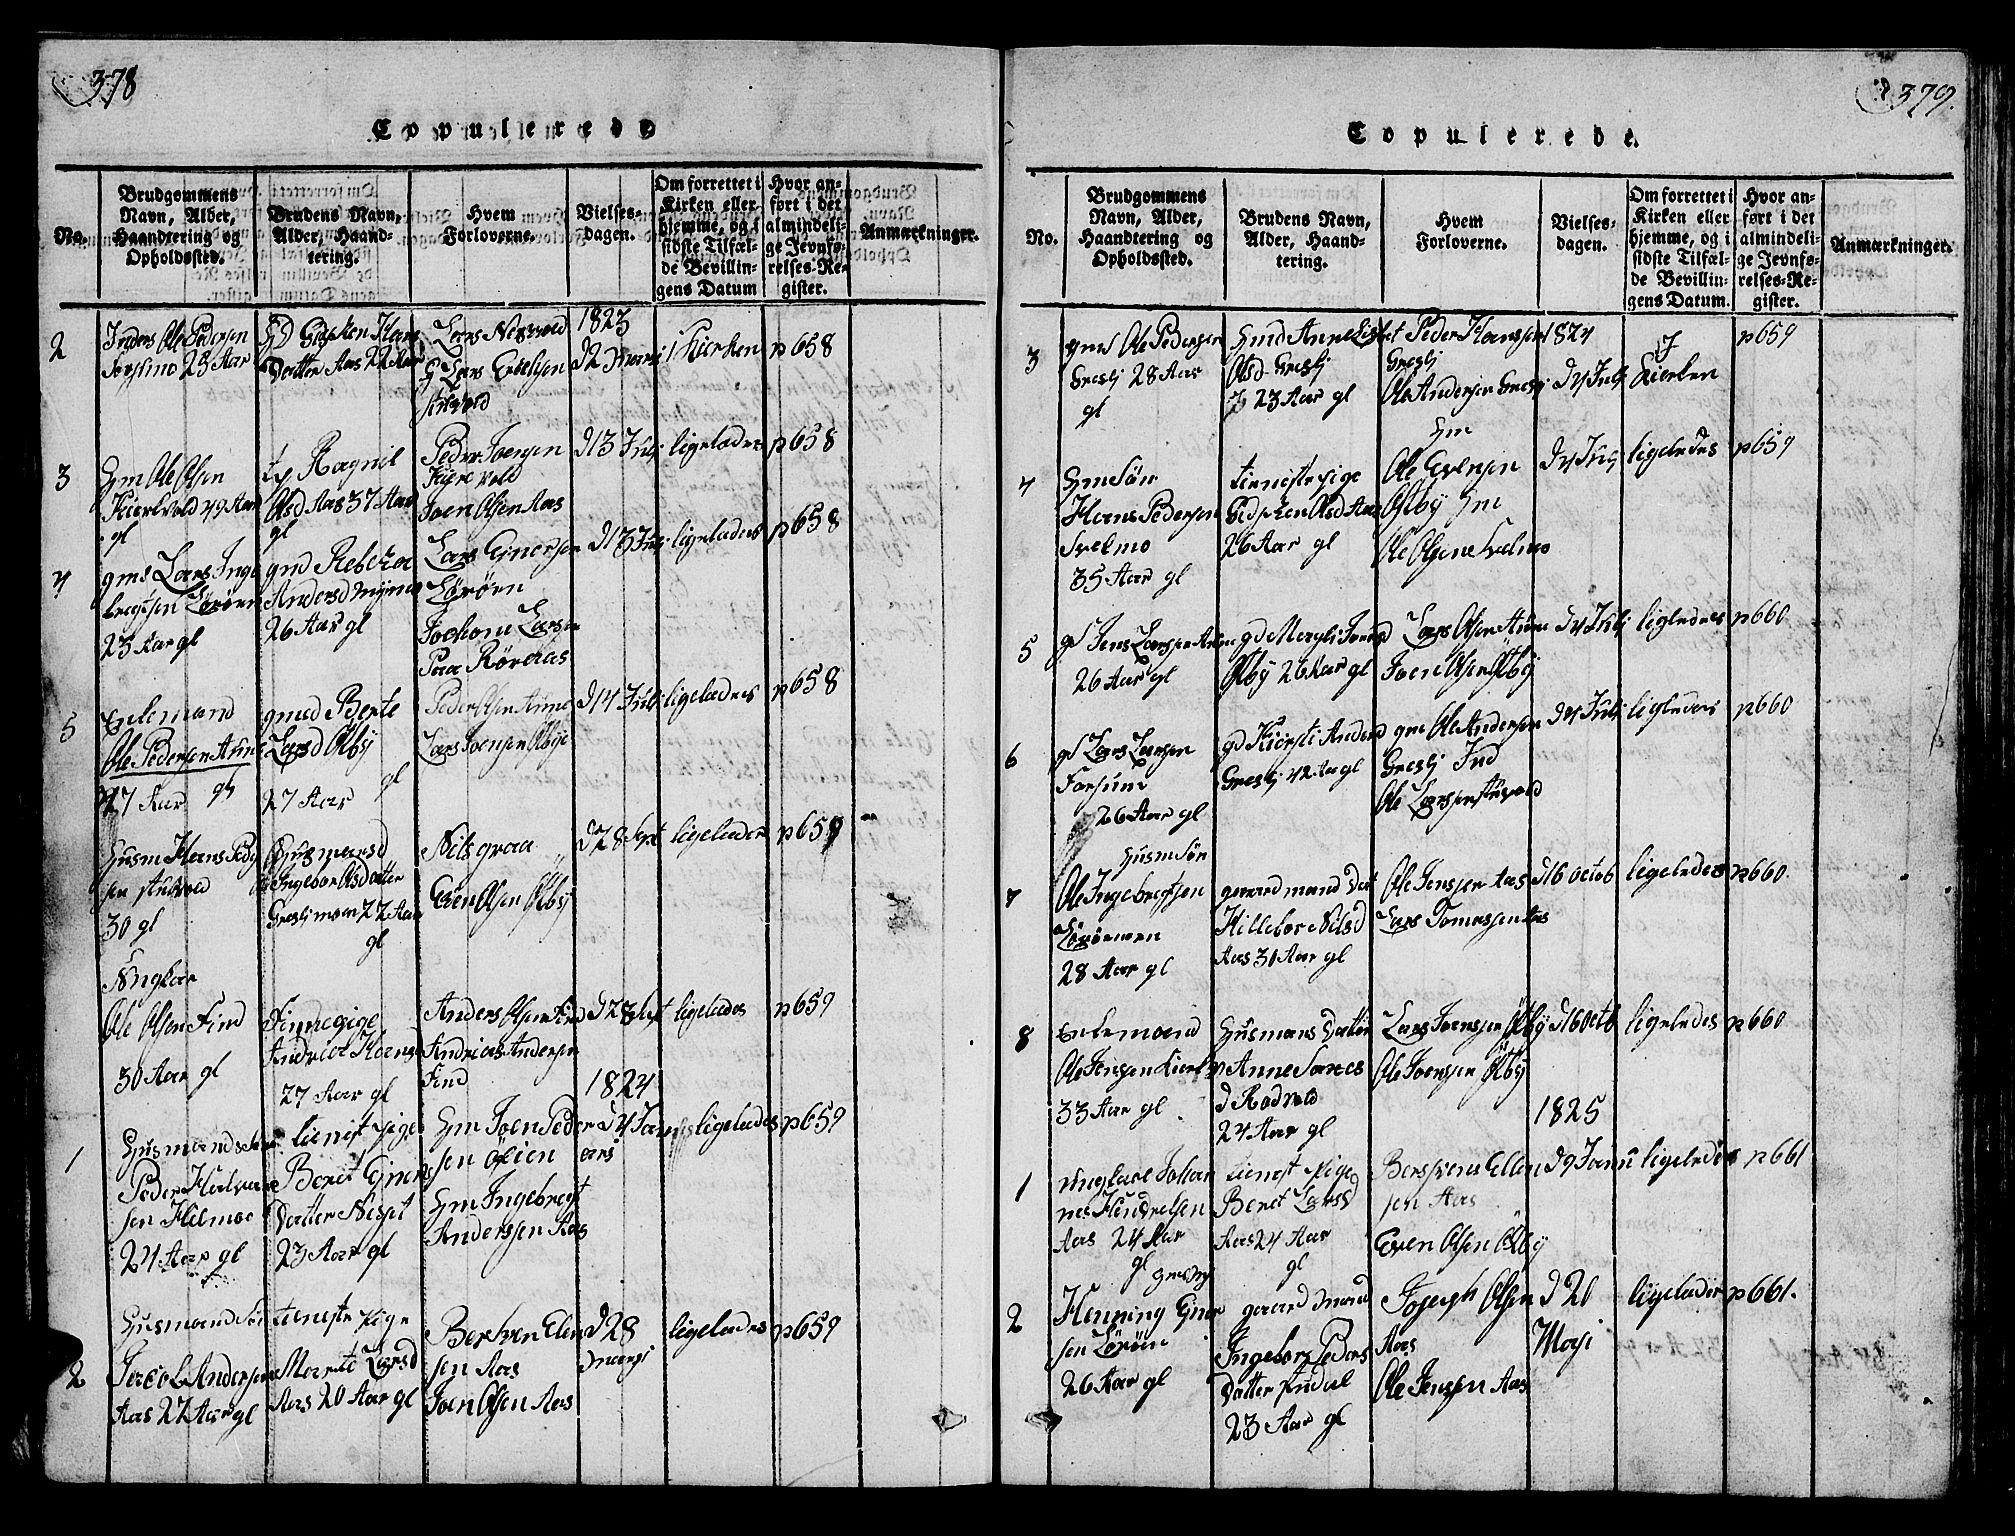 SAT, Ministerialprotokoller, klokkerbøker og fødselsregistre - Sør-Trøndelag, 698/L1164: Klokkerbok nr. 698C01, 1816-1861, s. 378-379